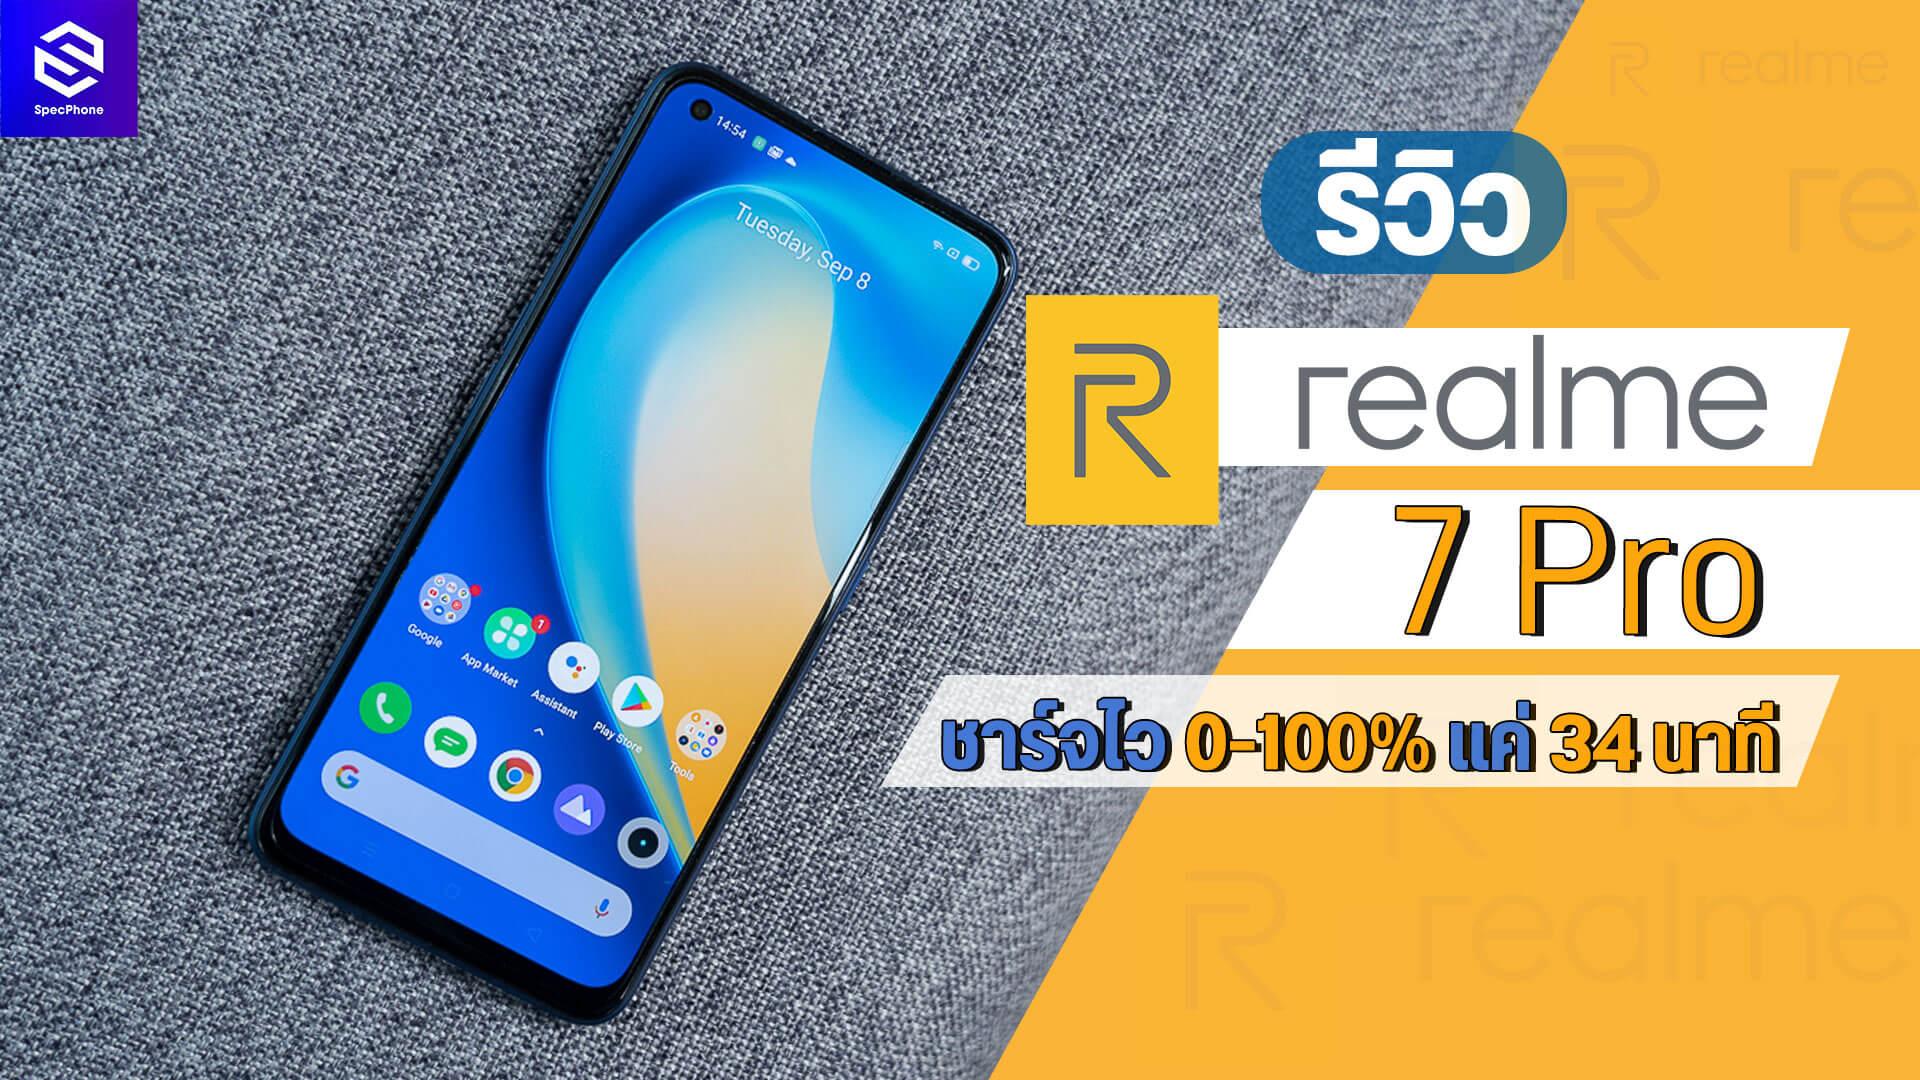 รีวิว realme 7 Pro สู่การชาร์จที่เหนือขั้น ชาร์จ 100% เต็มใน 34 นาที ราคา 10,990